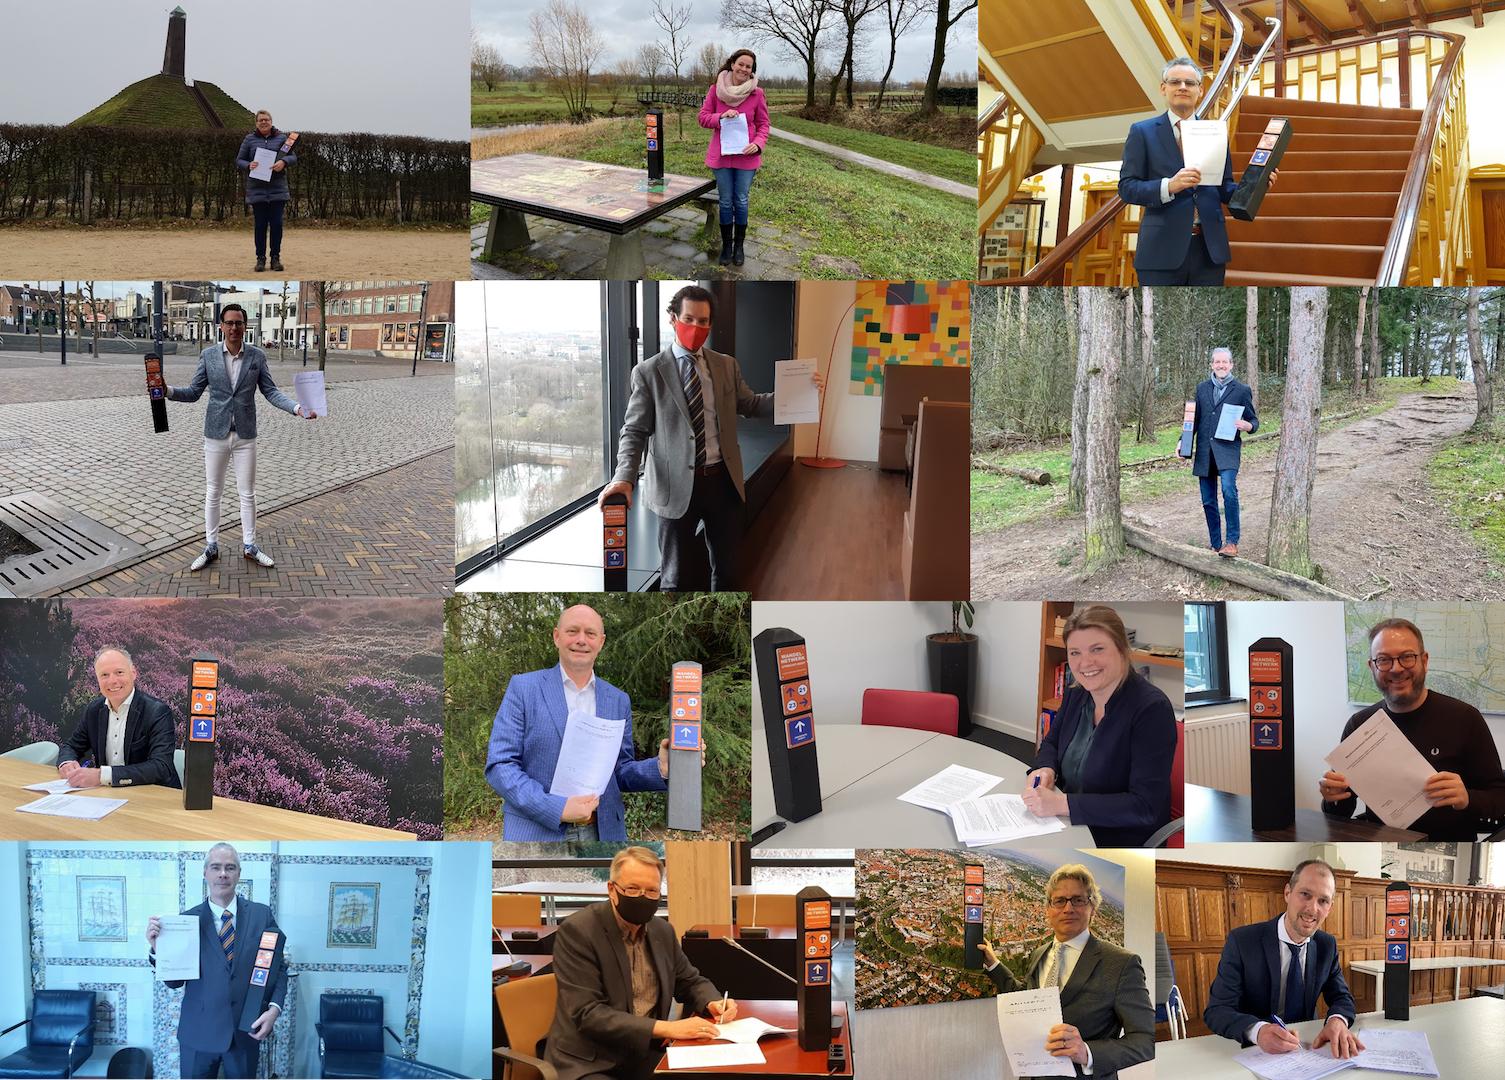 Bestuurders van provincie Utrecht en 13 gemeenten geven het startsein voor realisatie van het wandelroutenetwerk Utrecht-oost